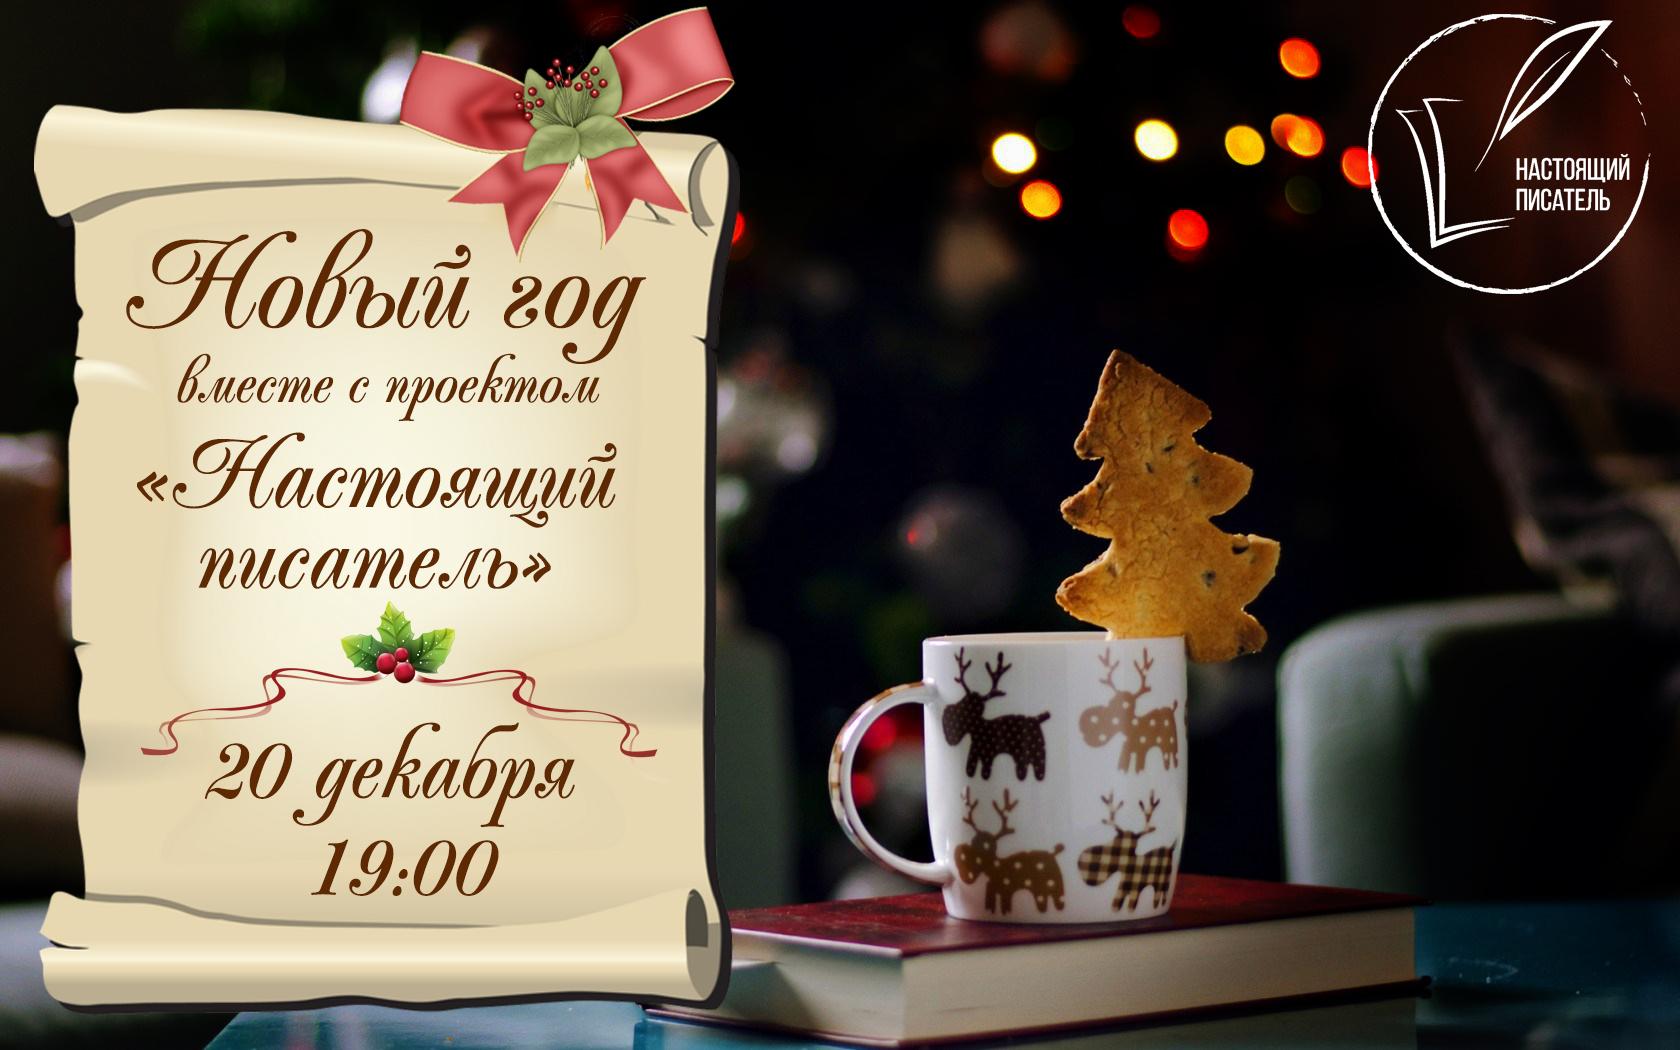 Новый год с «Настоящим писателем»